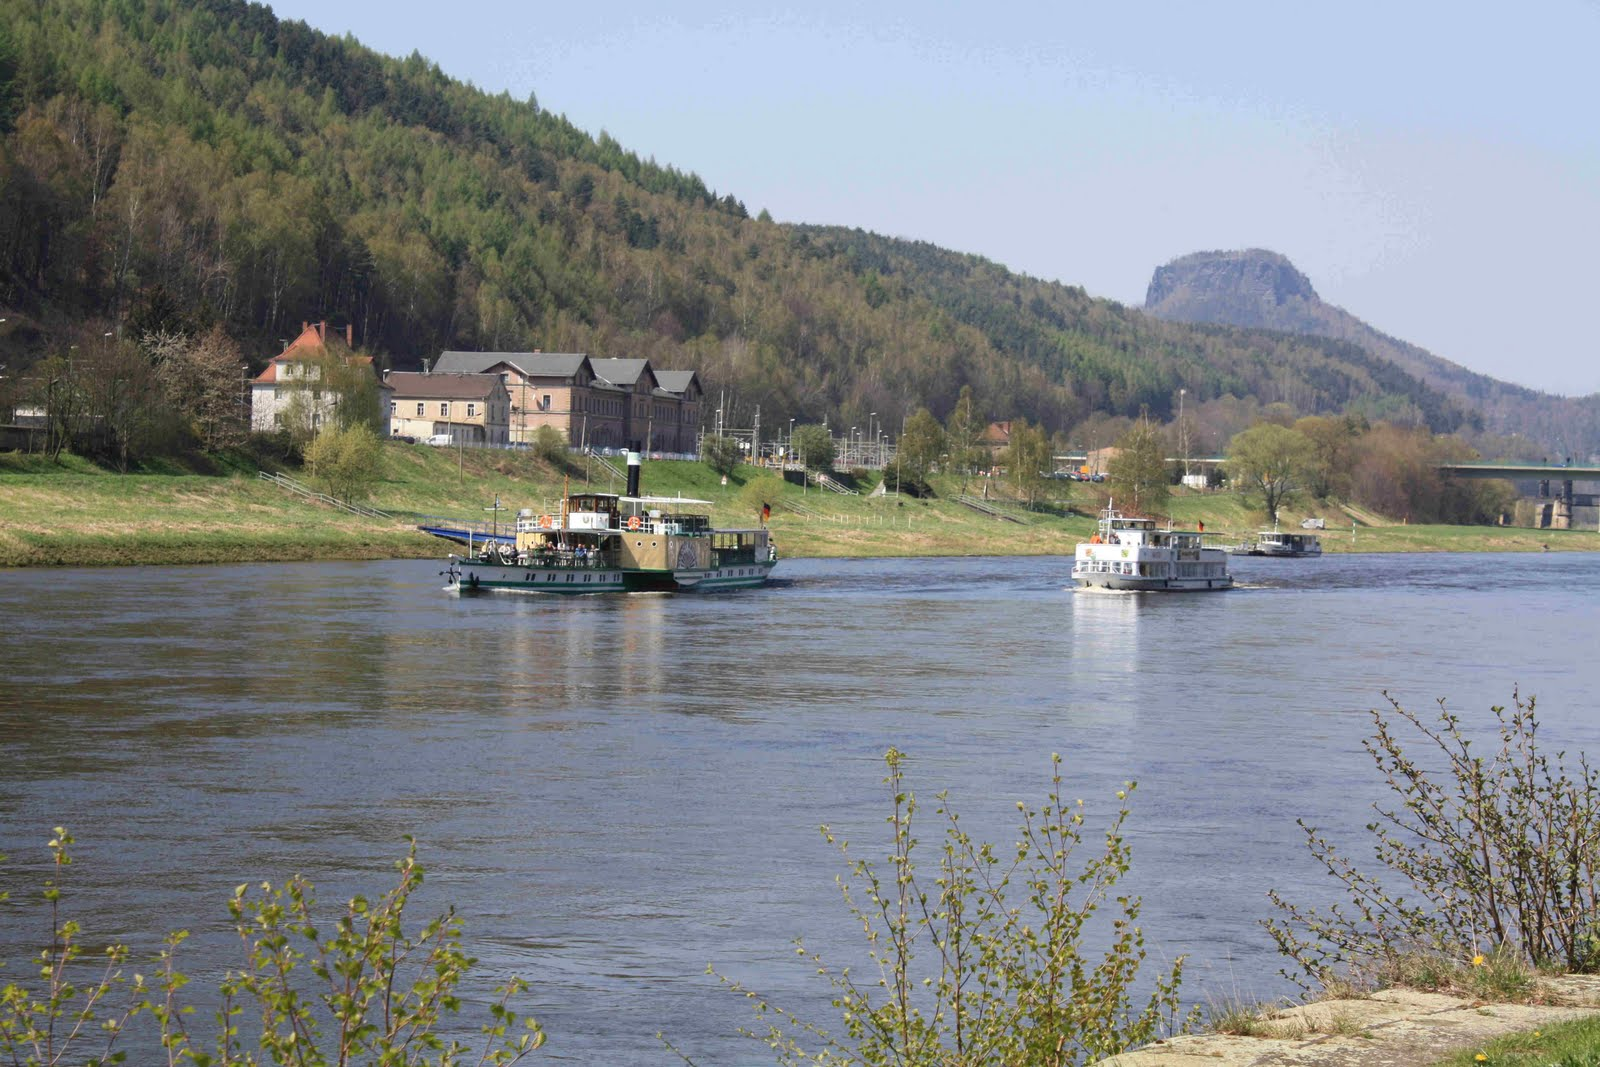 Frau sucht mann hannover - Troms Treningssenter AS